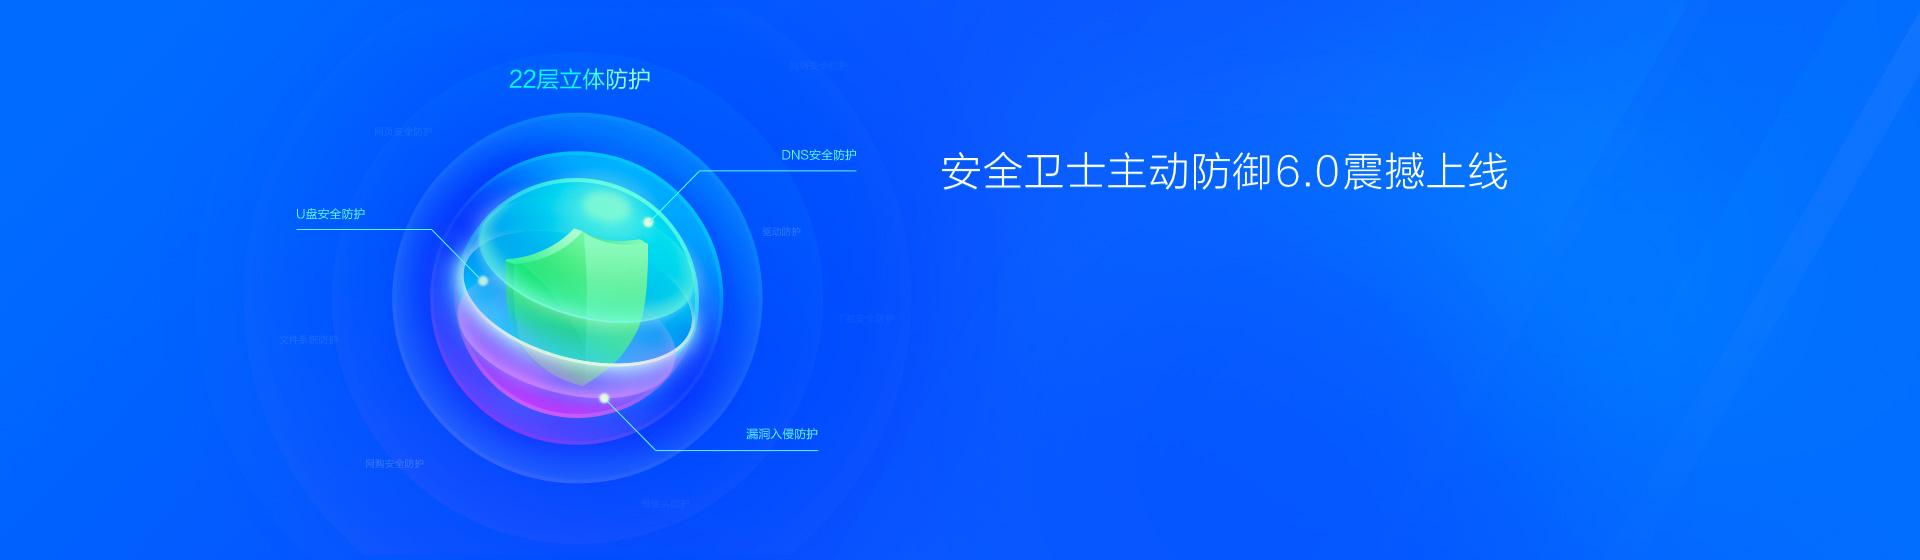 申博开户_www.66msc.com_申博代理开户平台_www.88msc.com_2017年官方唯一指定开户网站称安全防护6.0